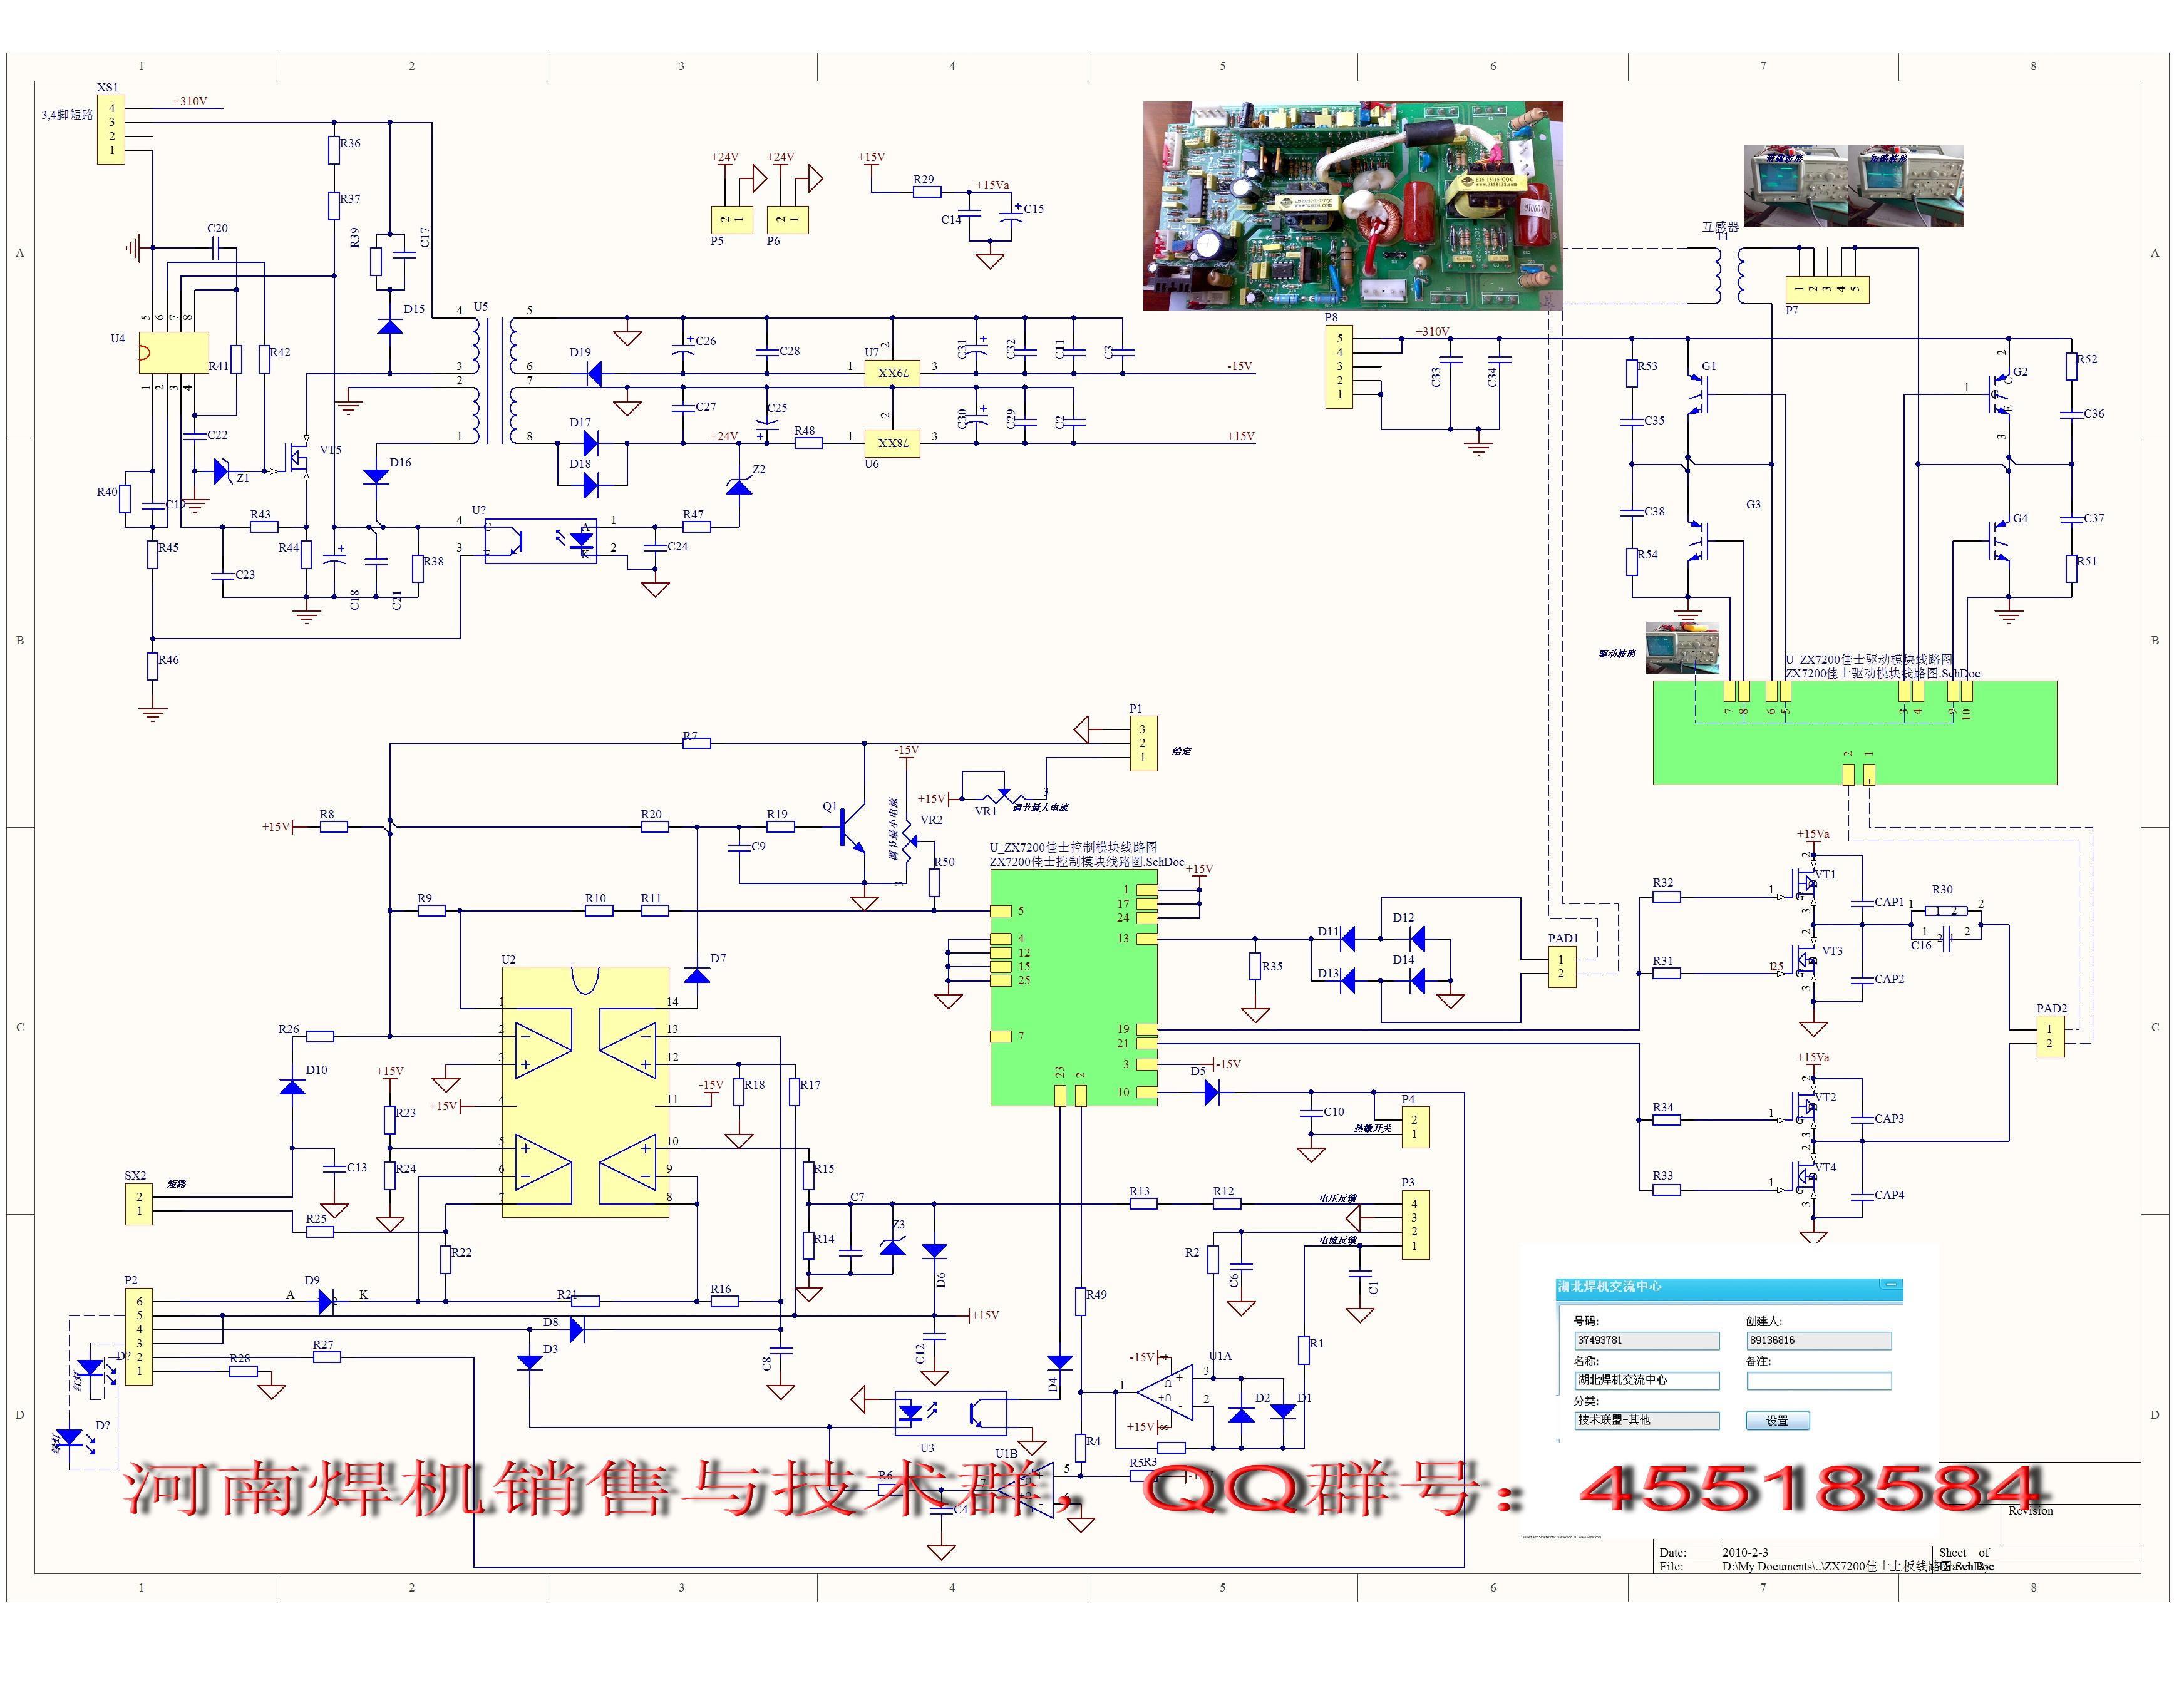 交流 电焊机 节电控制器电路图